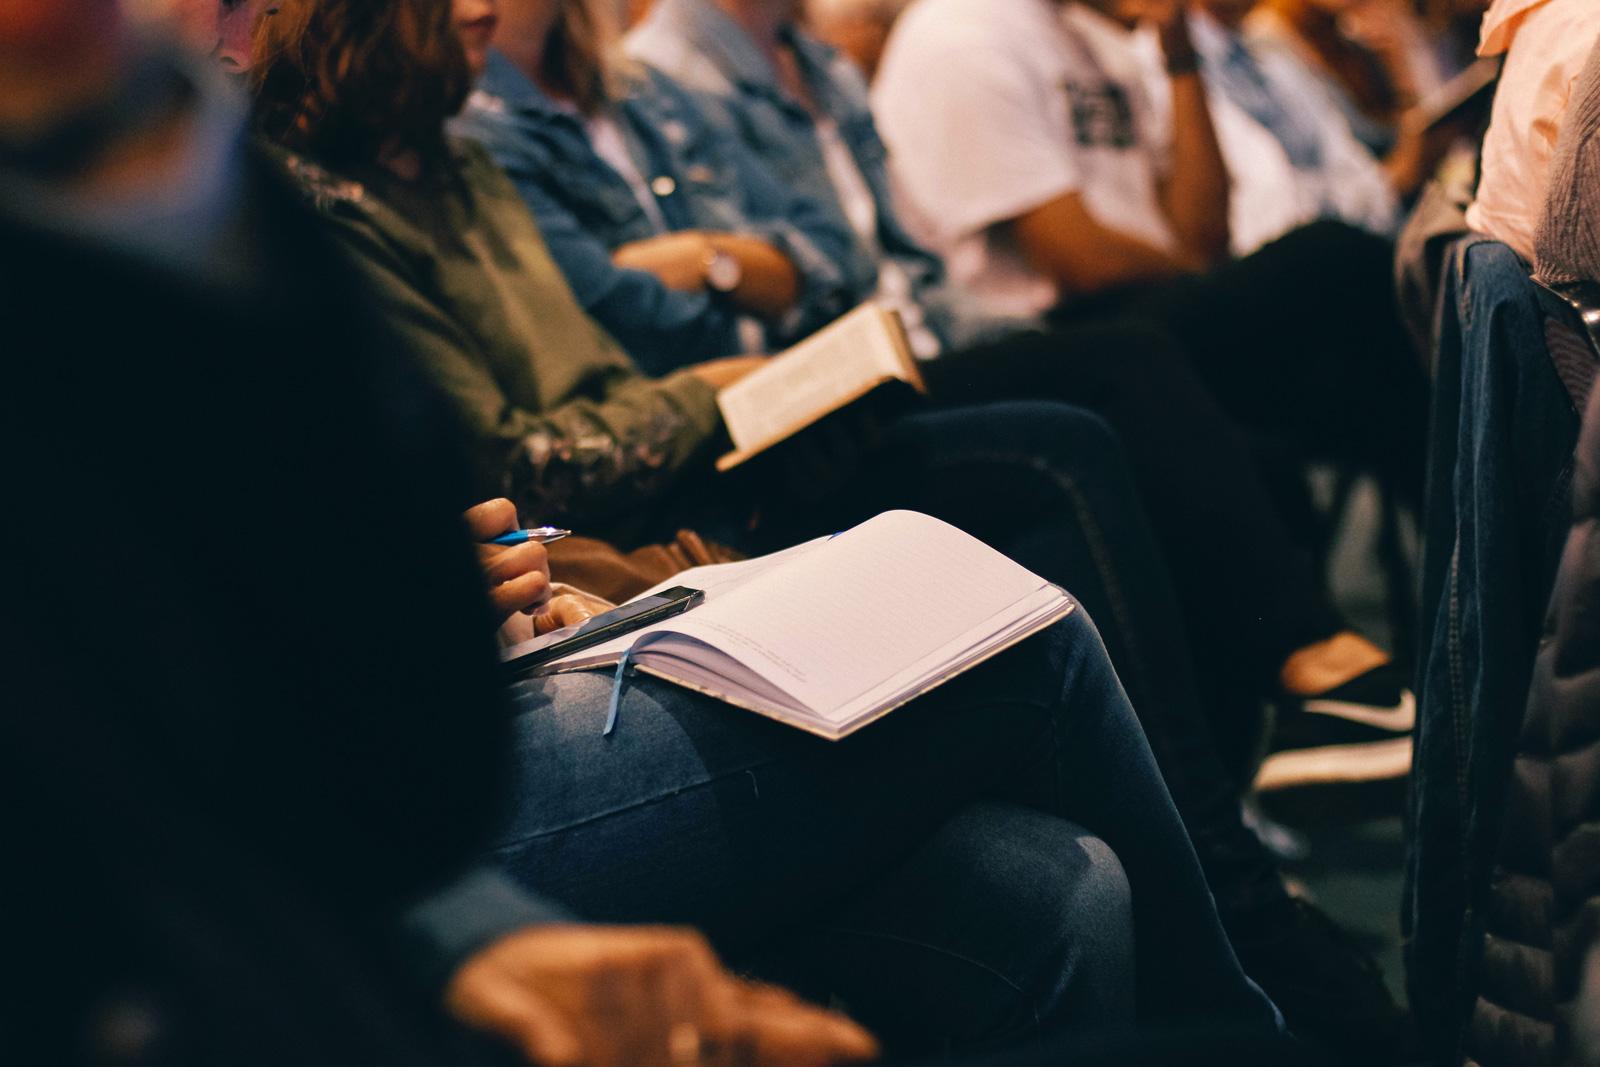 Votre Église n'est peut-être pas aussi centrée sur l'Évangile que vous le pensez